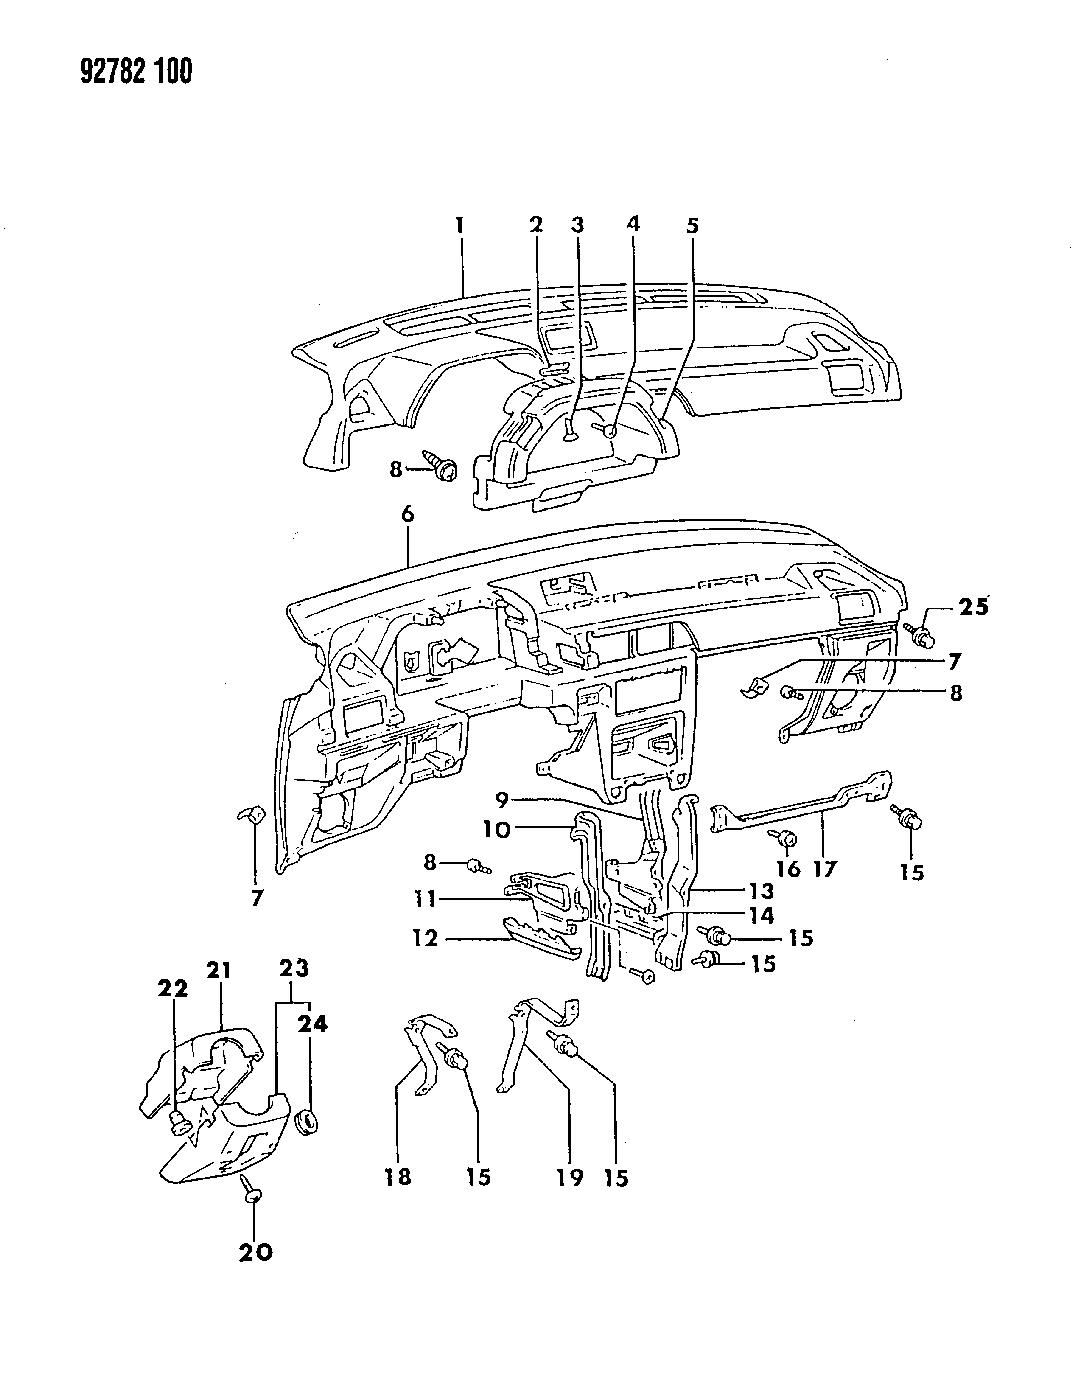 1993 Dodge Colt Instrument Panel - Thumbnail 2